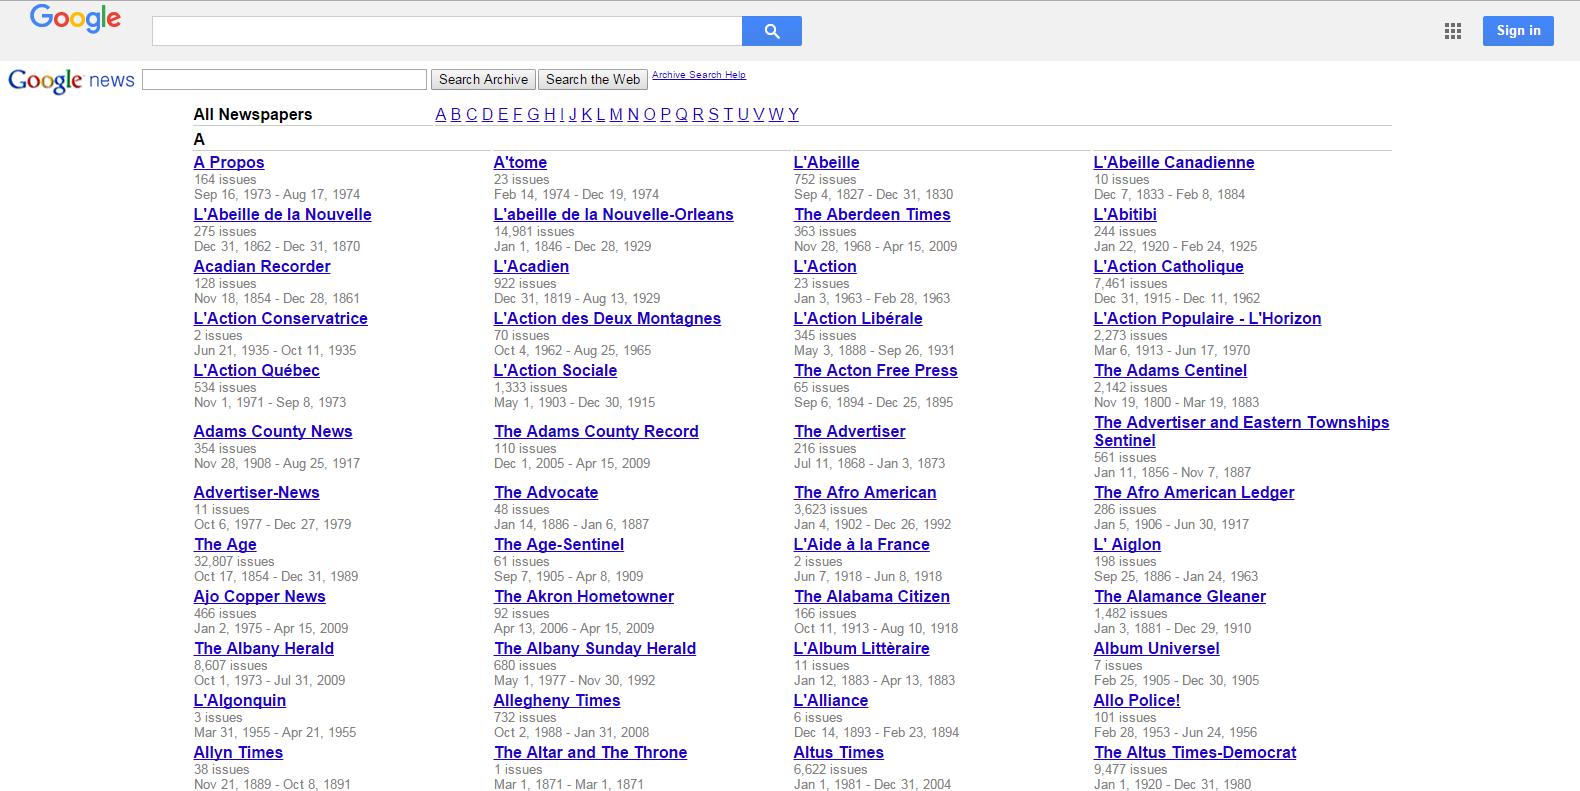 Tìm kiếm tin tức trong suốt 100 năm qua